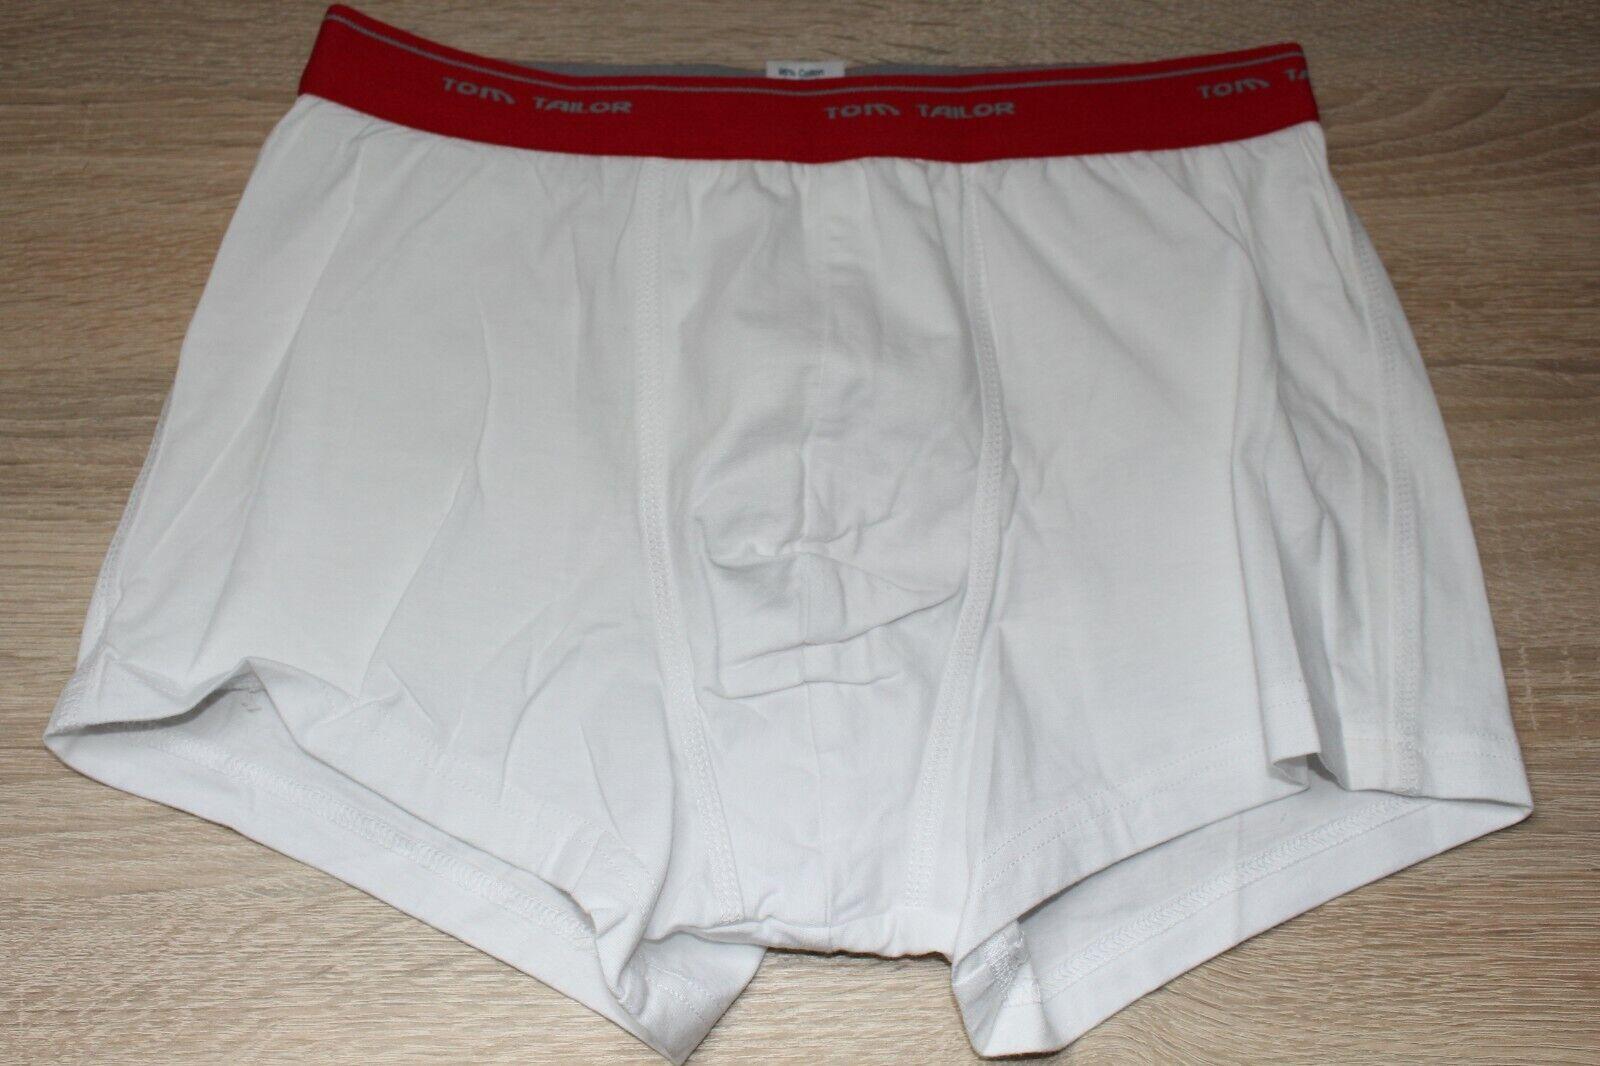 b8bcc703df707f Retro Boxershorts Tom Tailor Test Vergleich +++ Retro Boxershorts ...